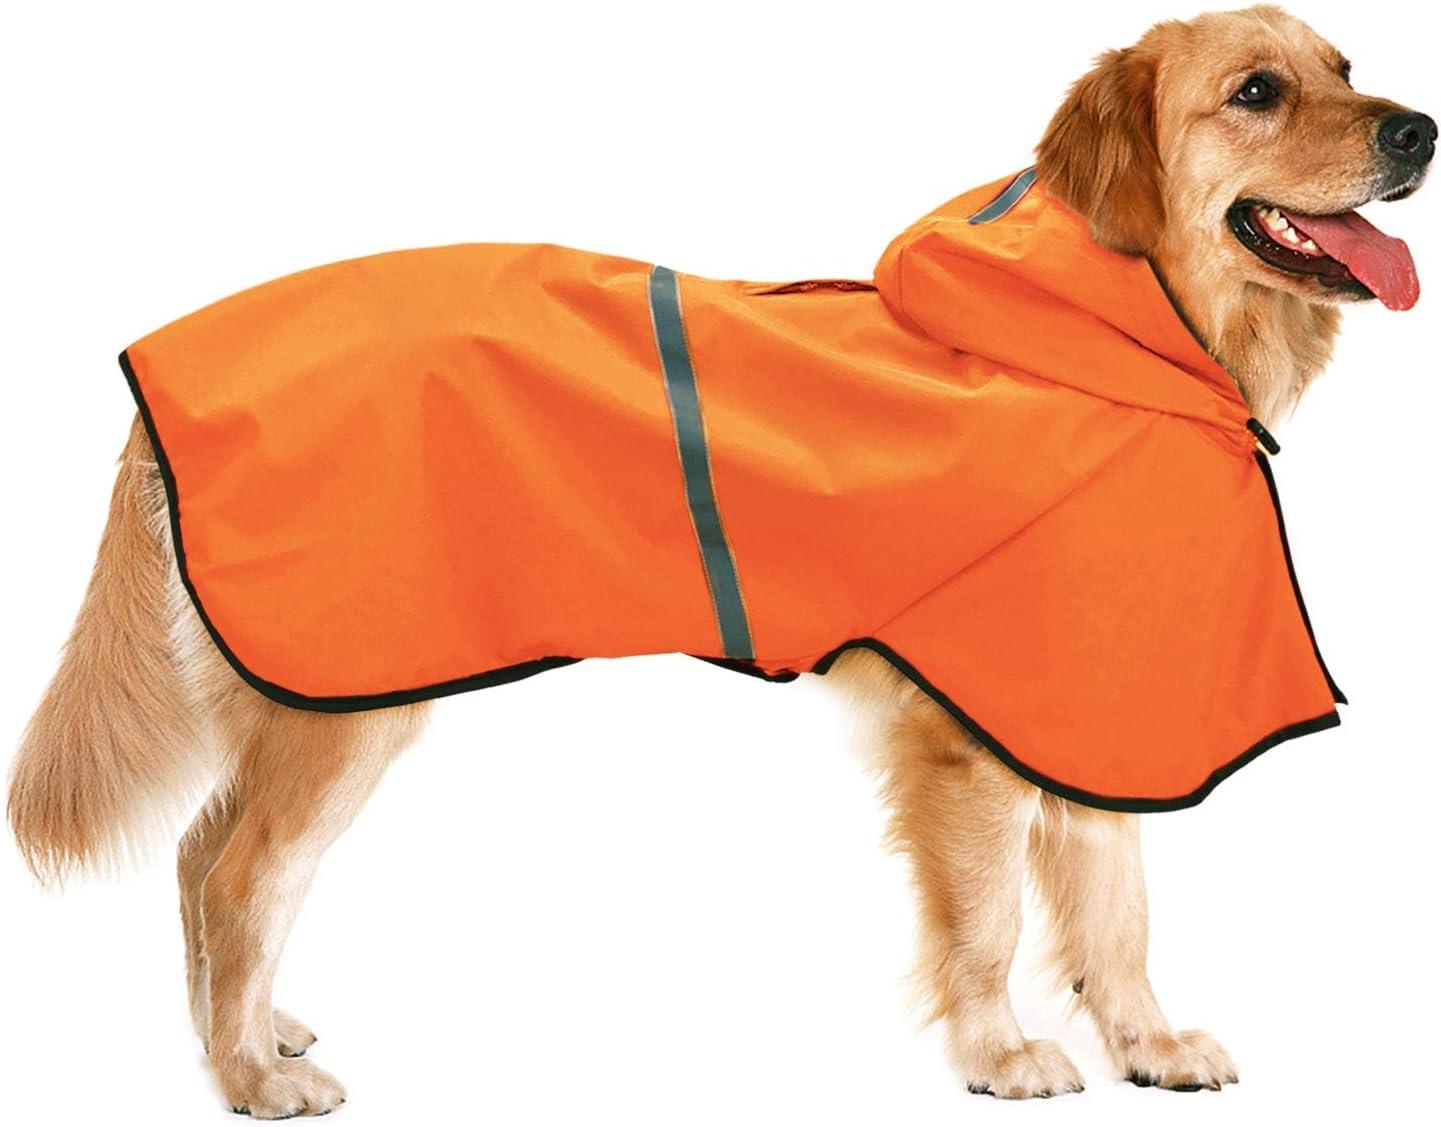 Dociote Impermeable para Perros - Ajustable Respirante Capa de Lluvia Chubasquero con Capucha & Collar Agujero Reflectante Chaleco para Mascotas Perro pequeño y Mediano y Grande 5XL Naranja